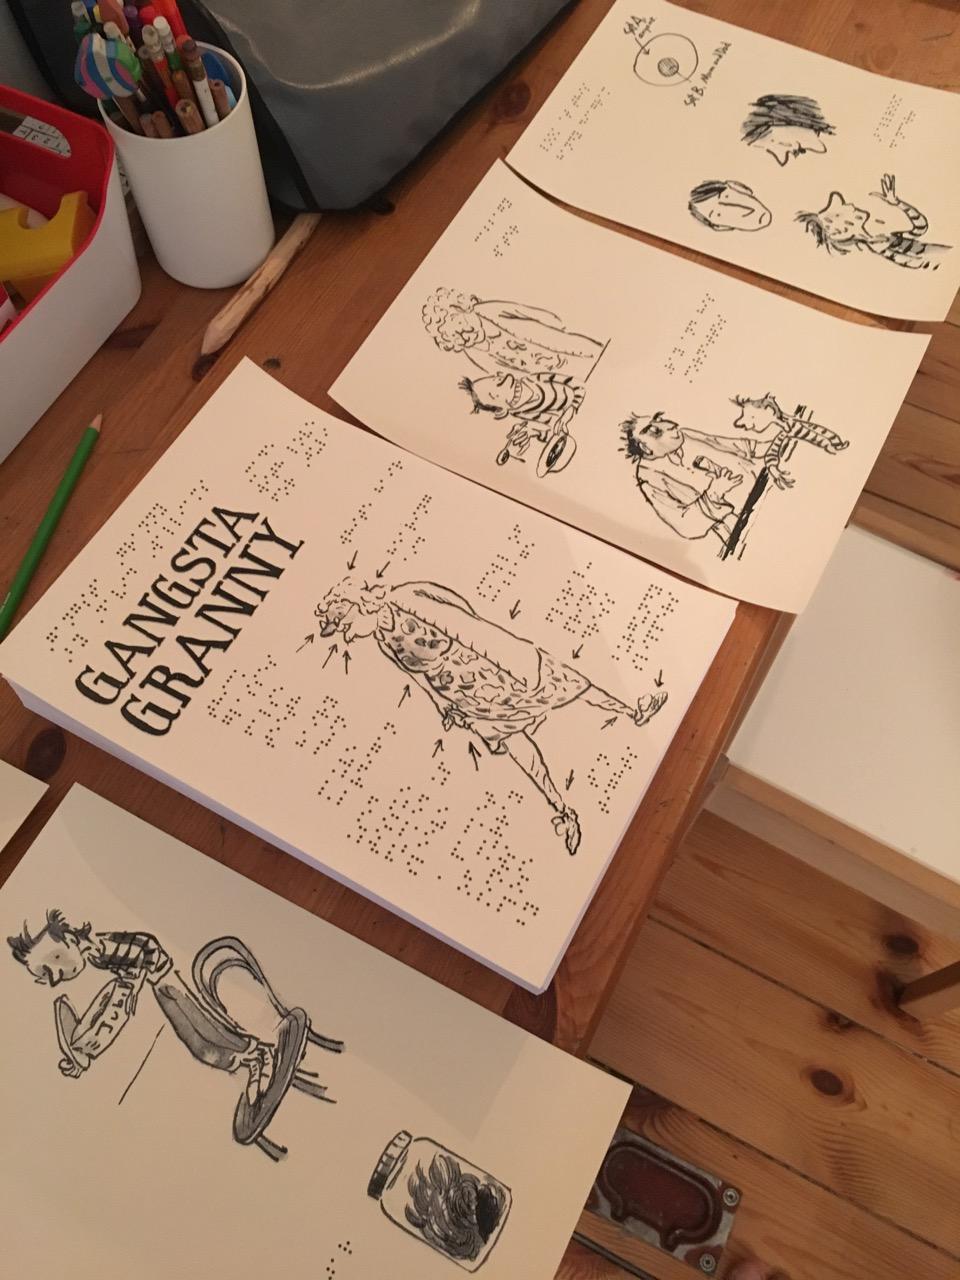 Grafikproduktion taktil Kinderliteratur